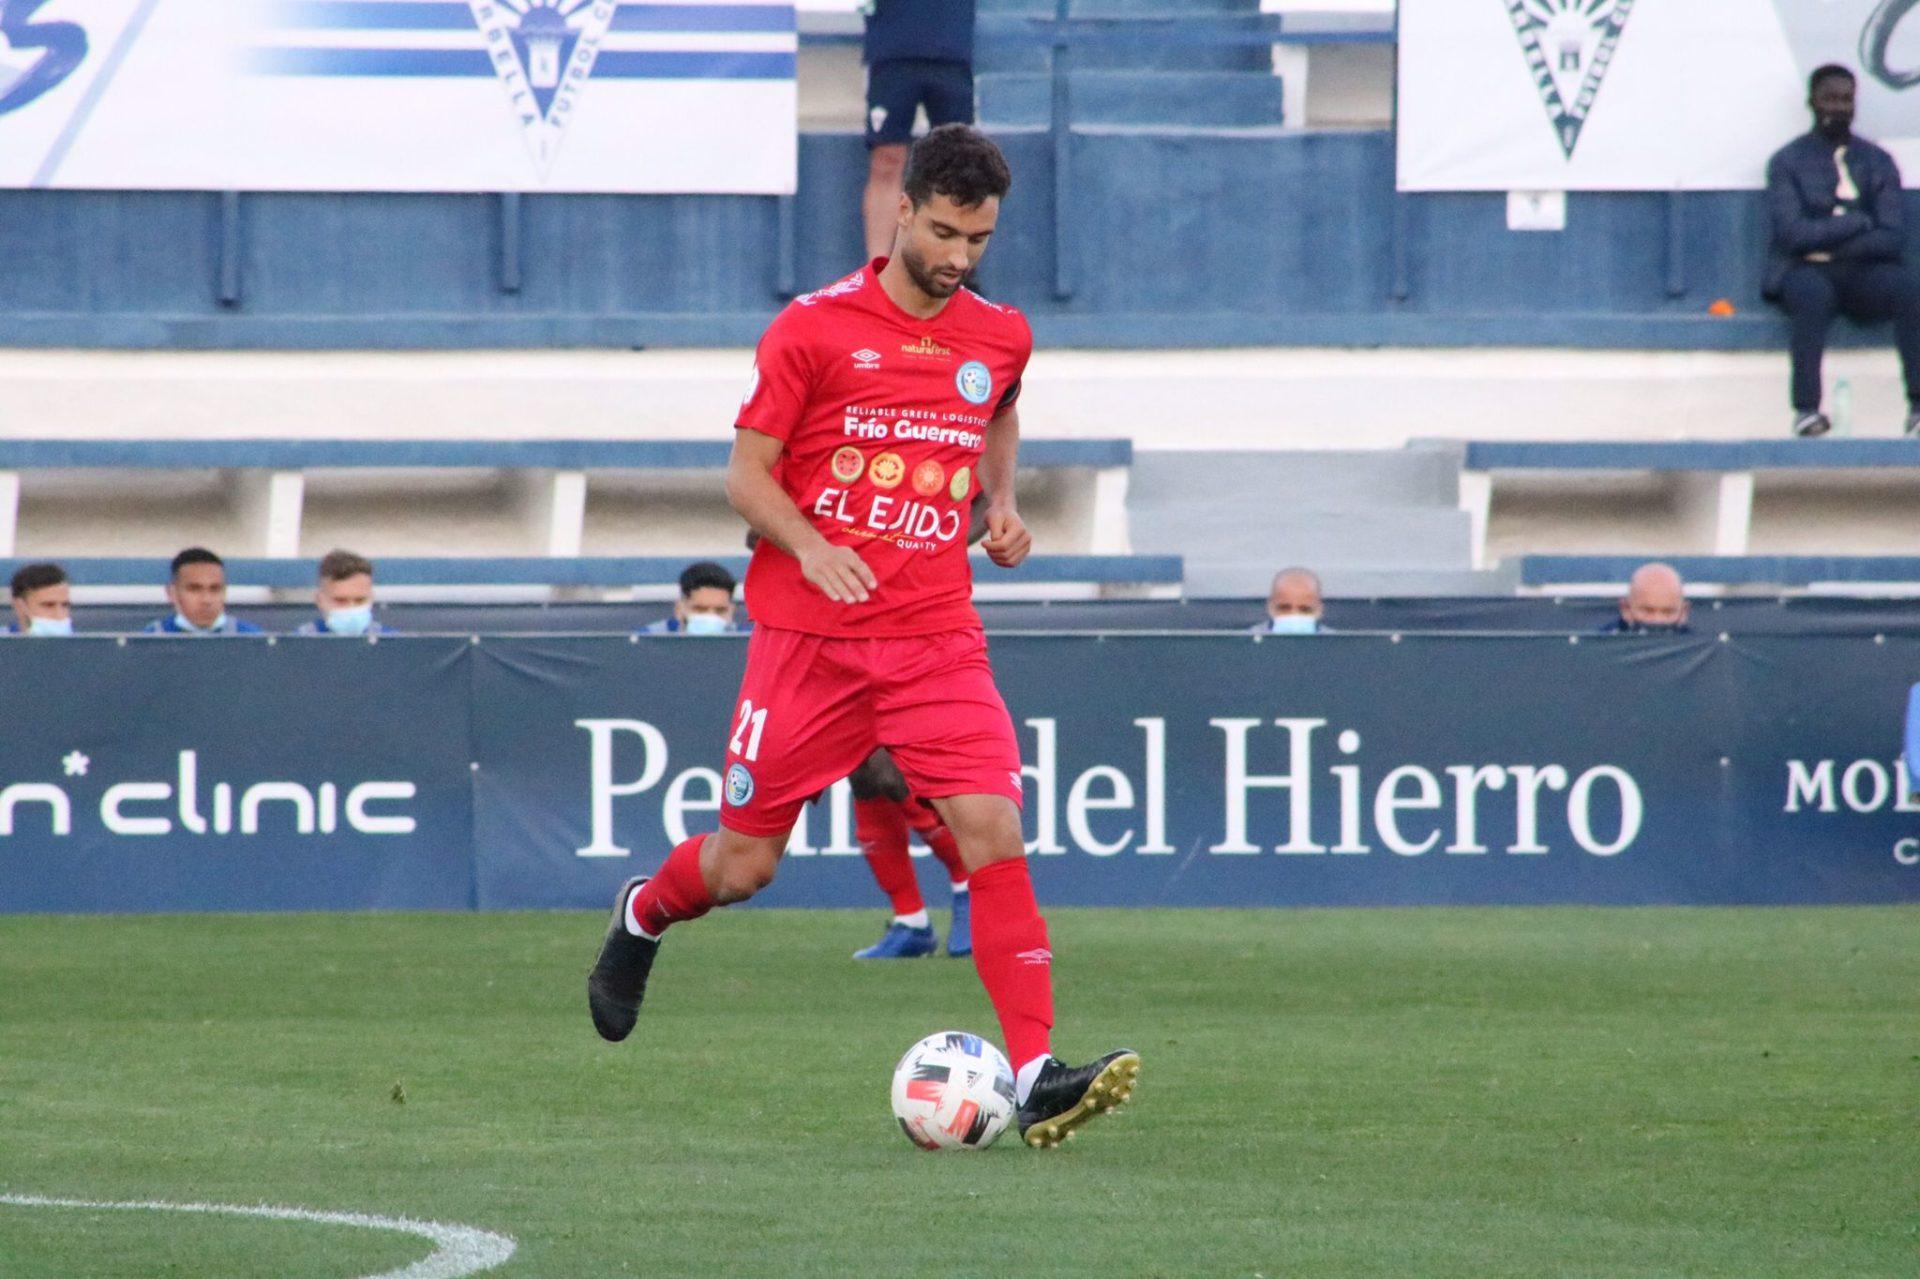 Marbella FC vs CD El Ejido 2012 5